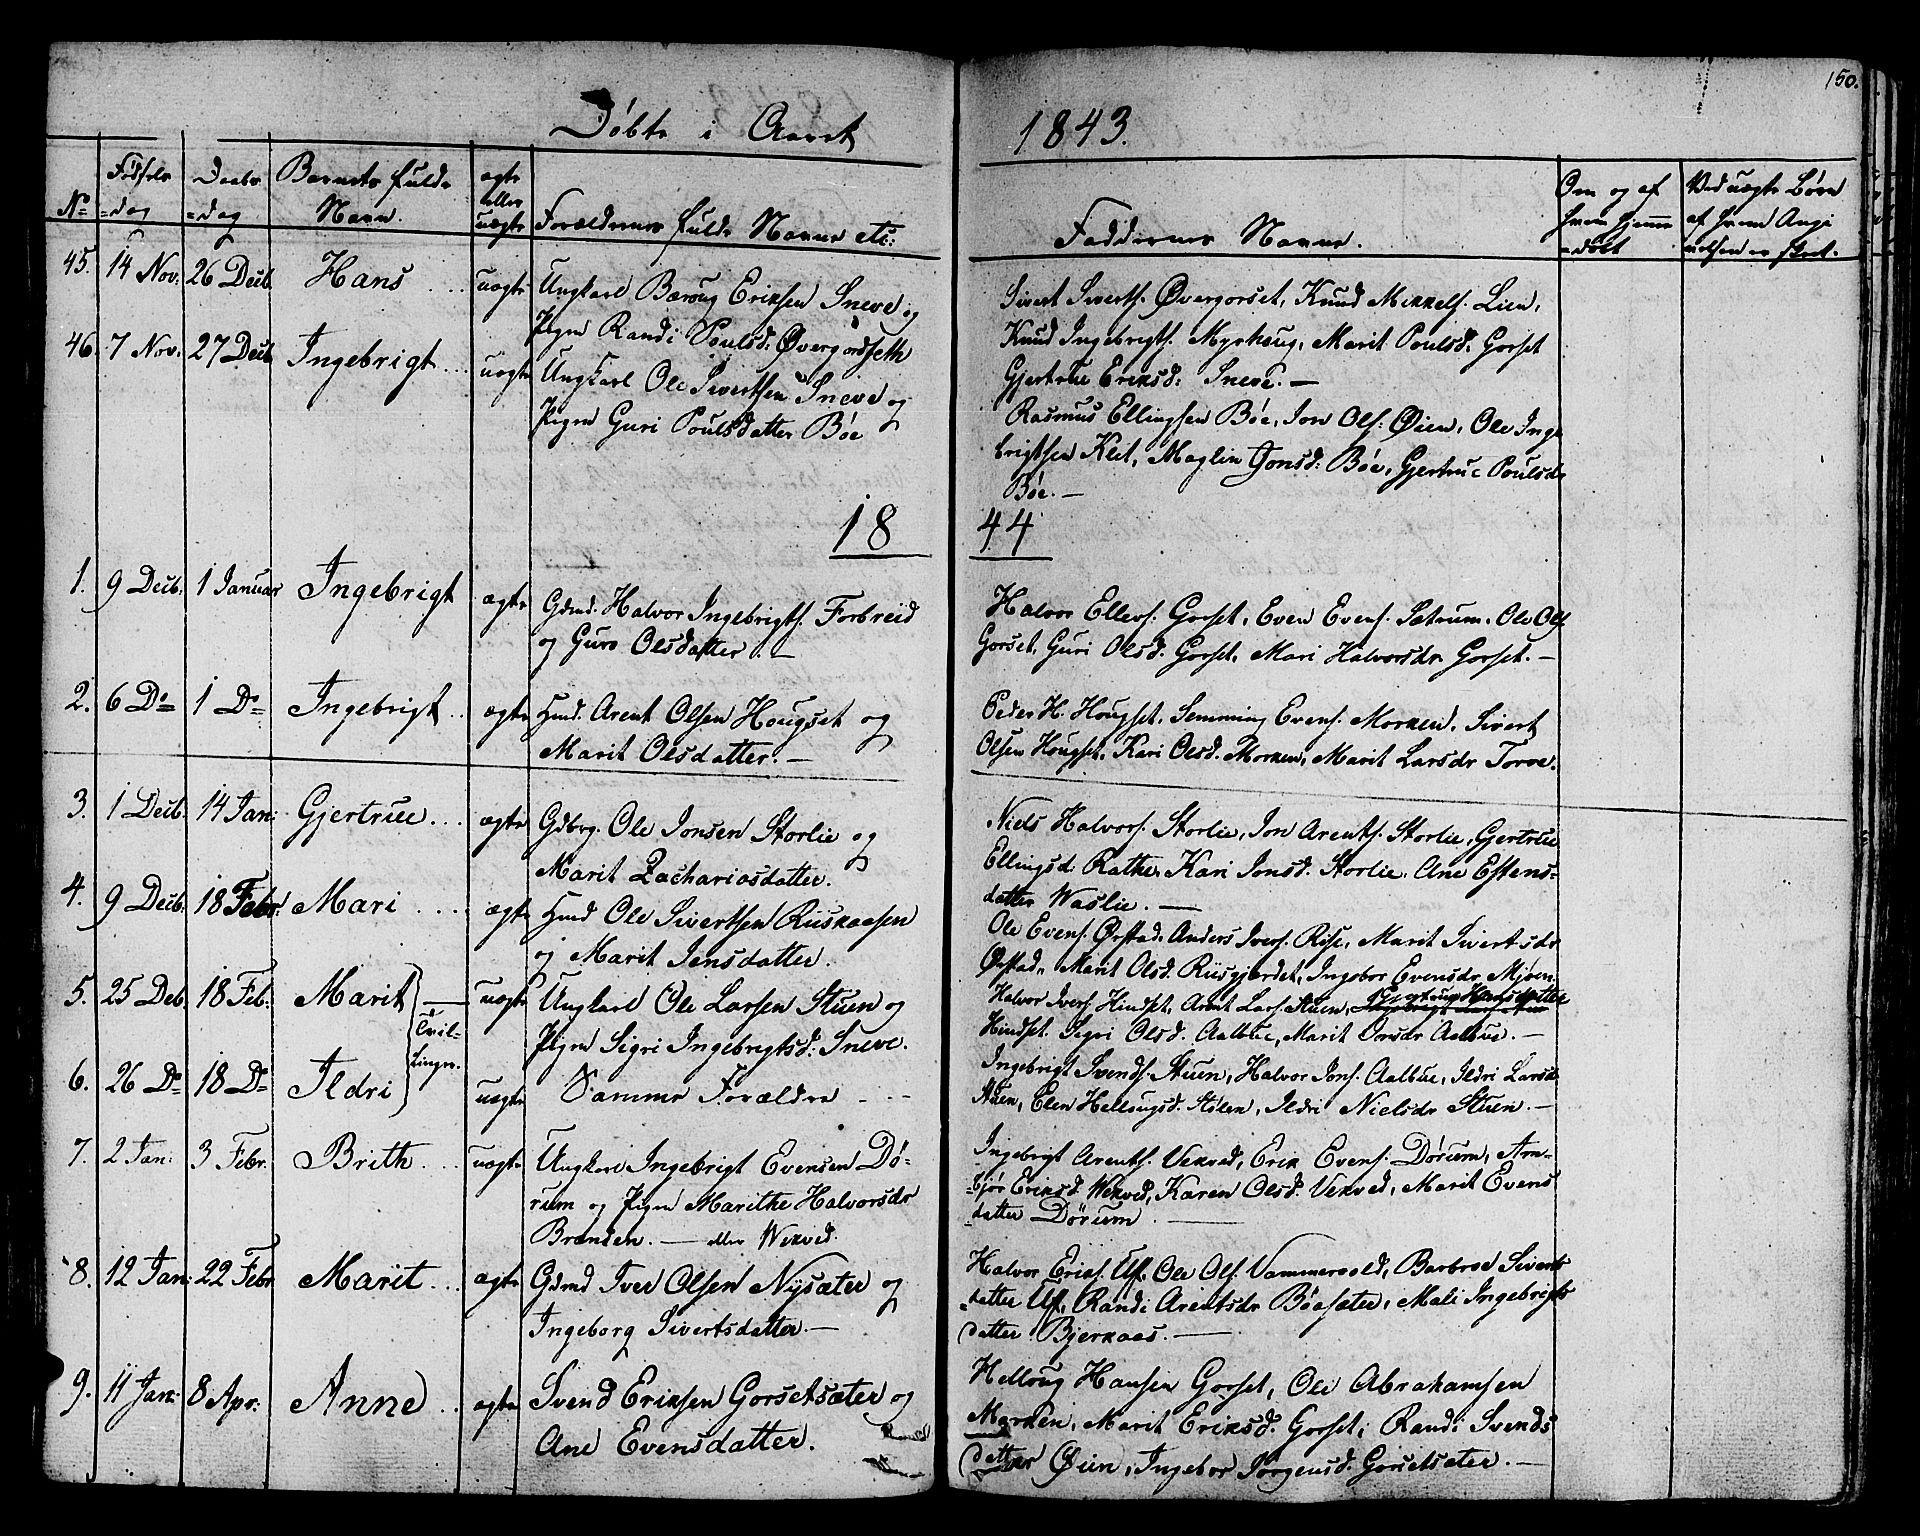 SAT, Ministerialprotokoller, klokkerbøker og fødselsregistre - Sør-Trøndelag, 678/L0897: Ministerialbok nr. 678A06-07, 1821-1847, s. 150